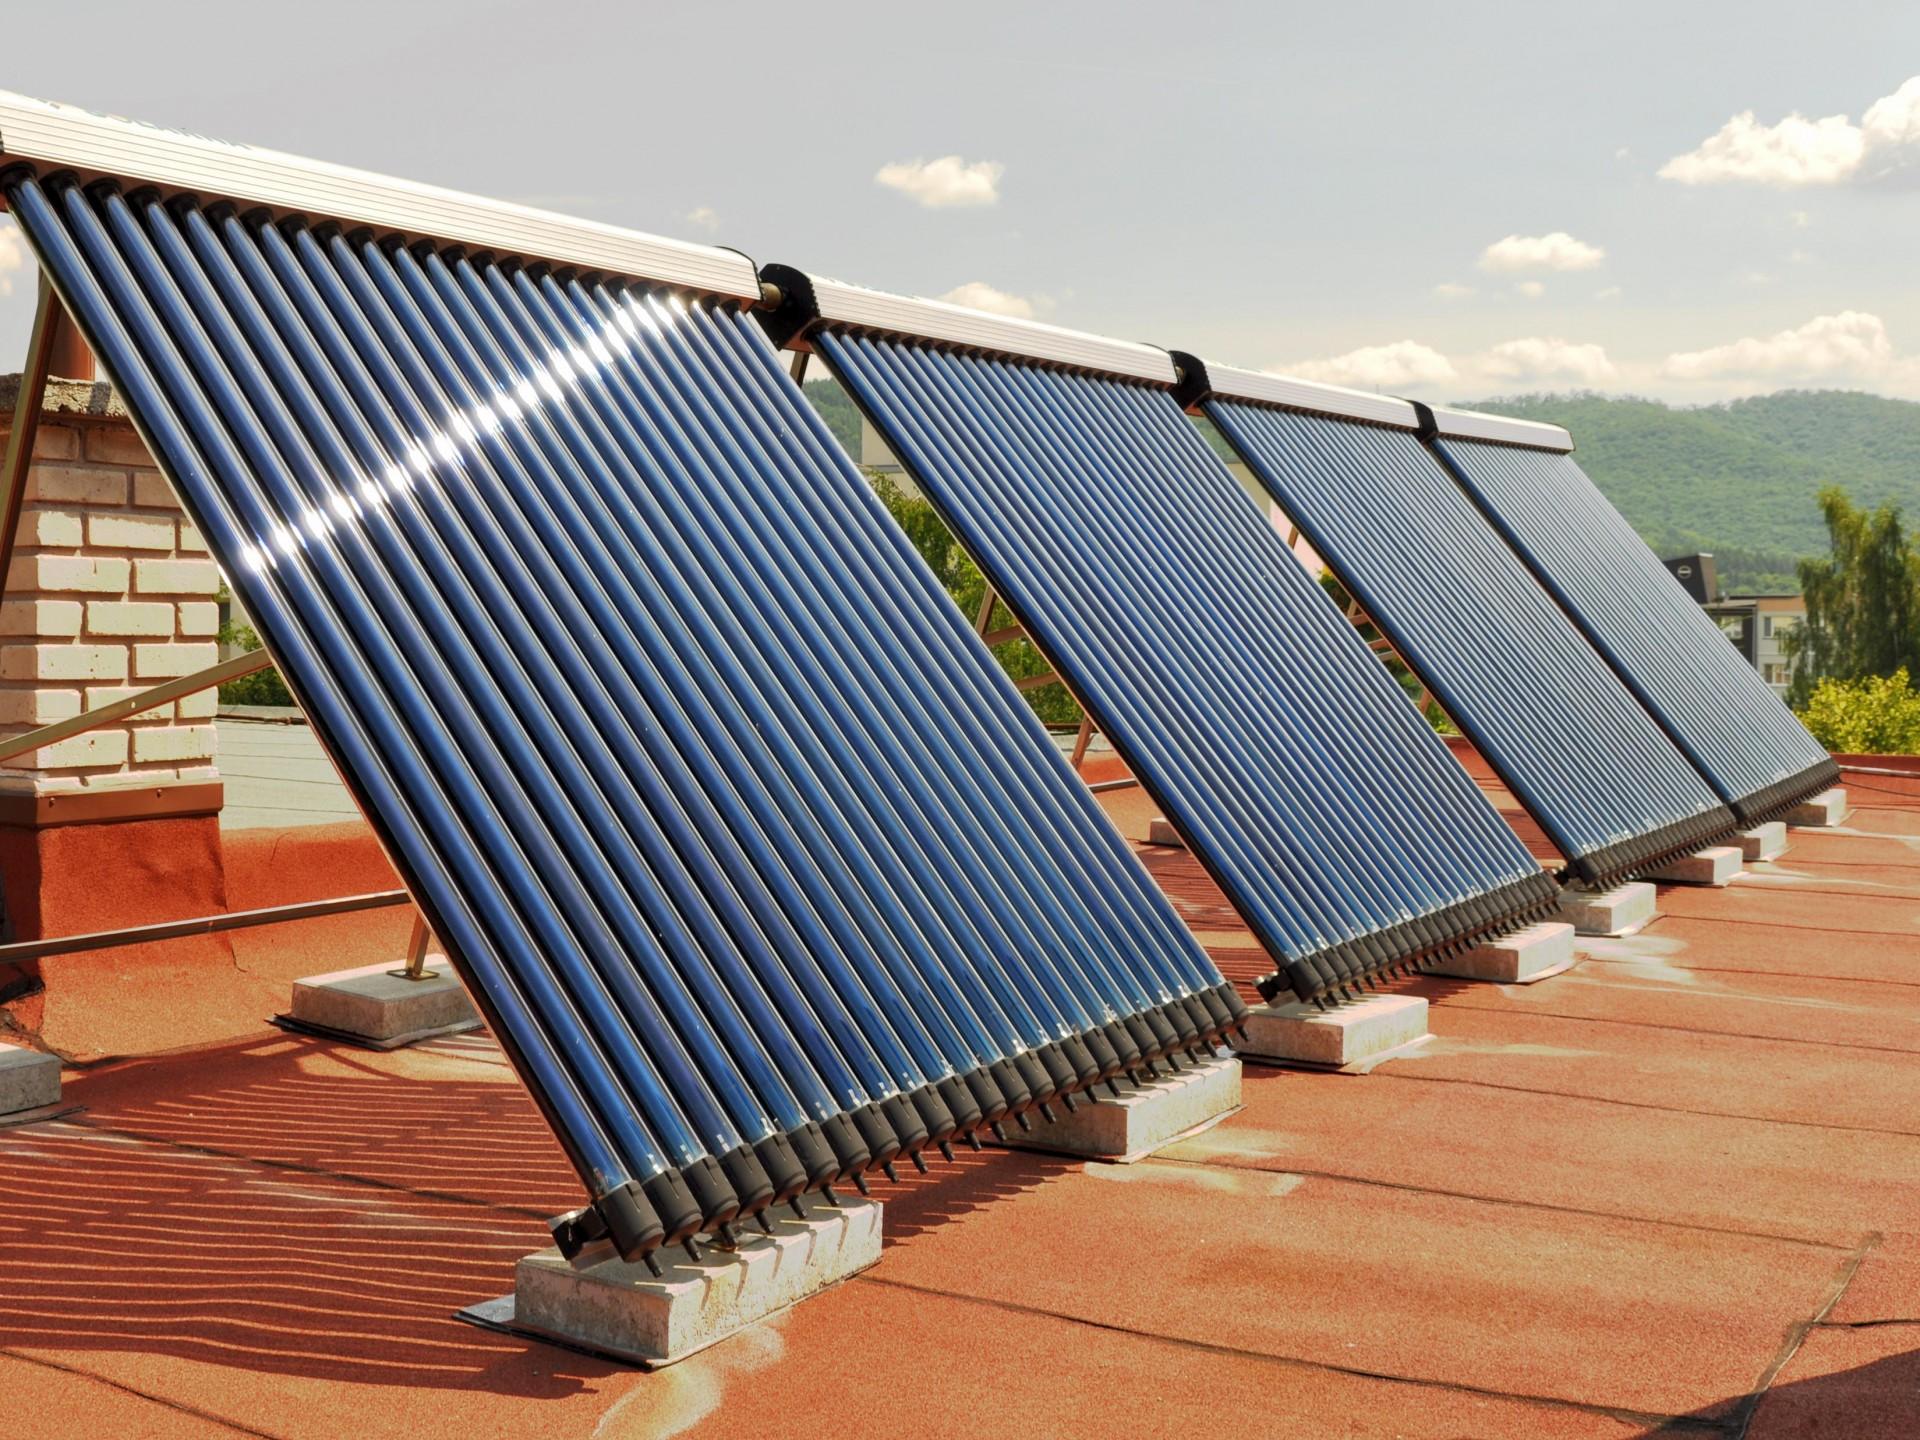 solárne kolektory na ohrev vody v domácnosti